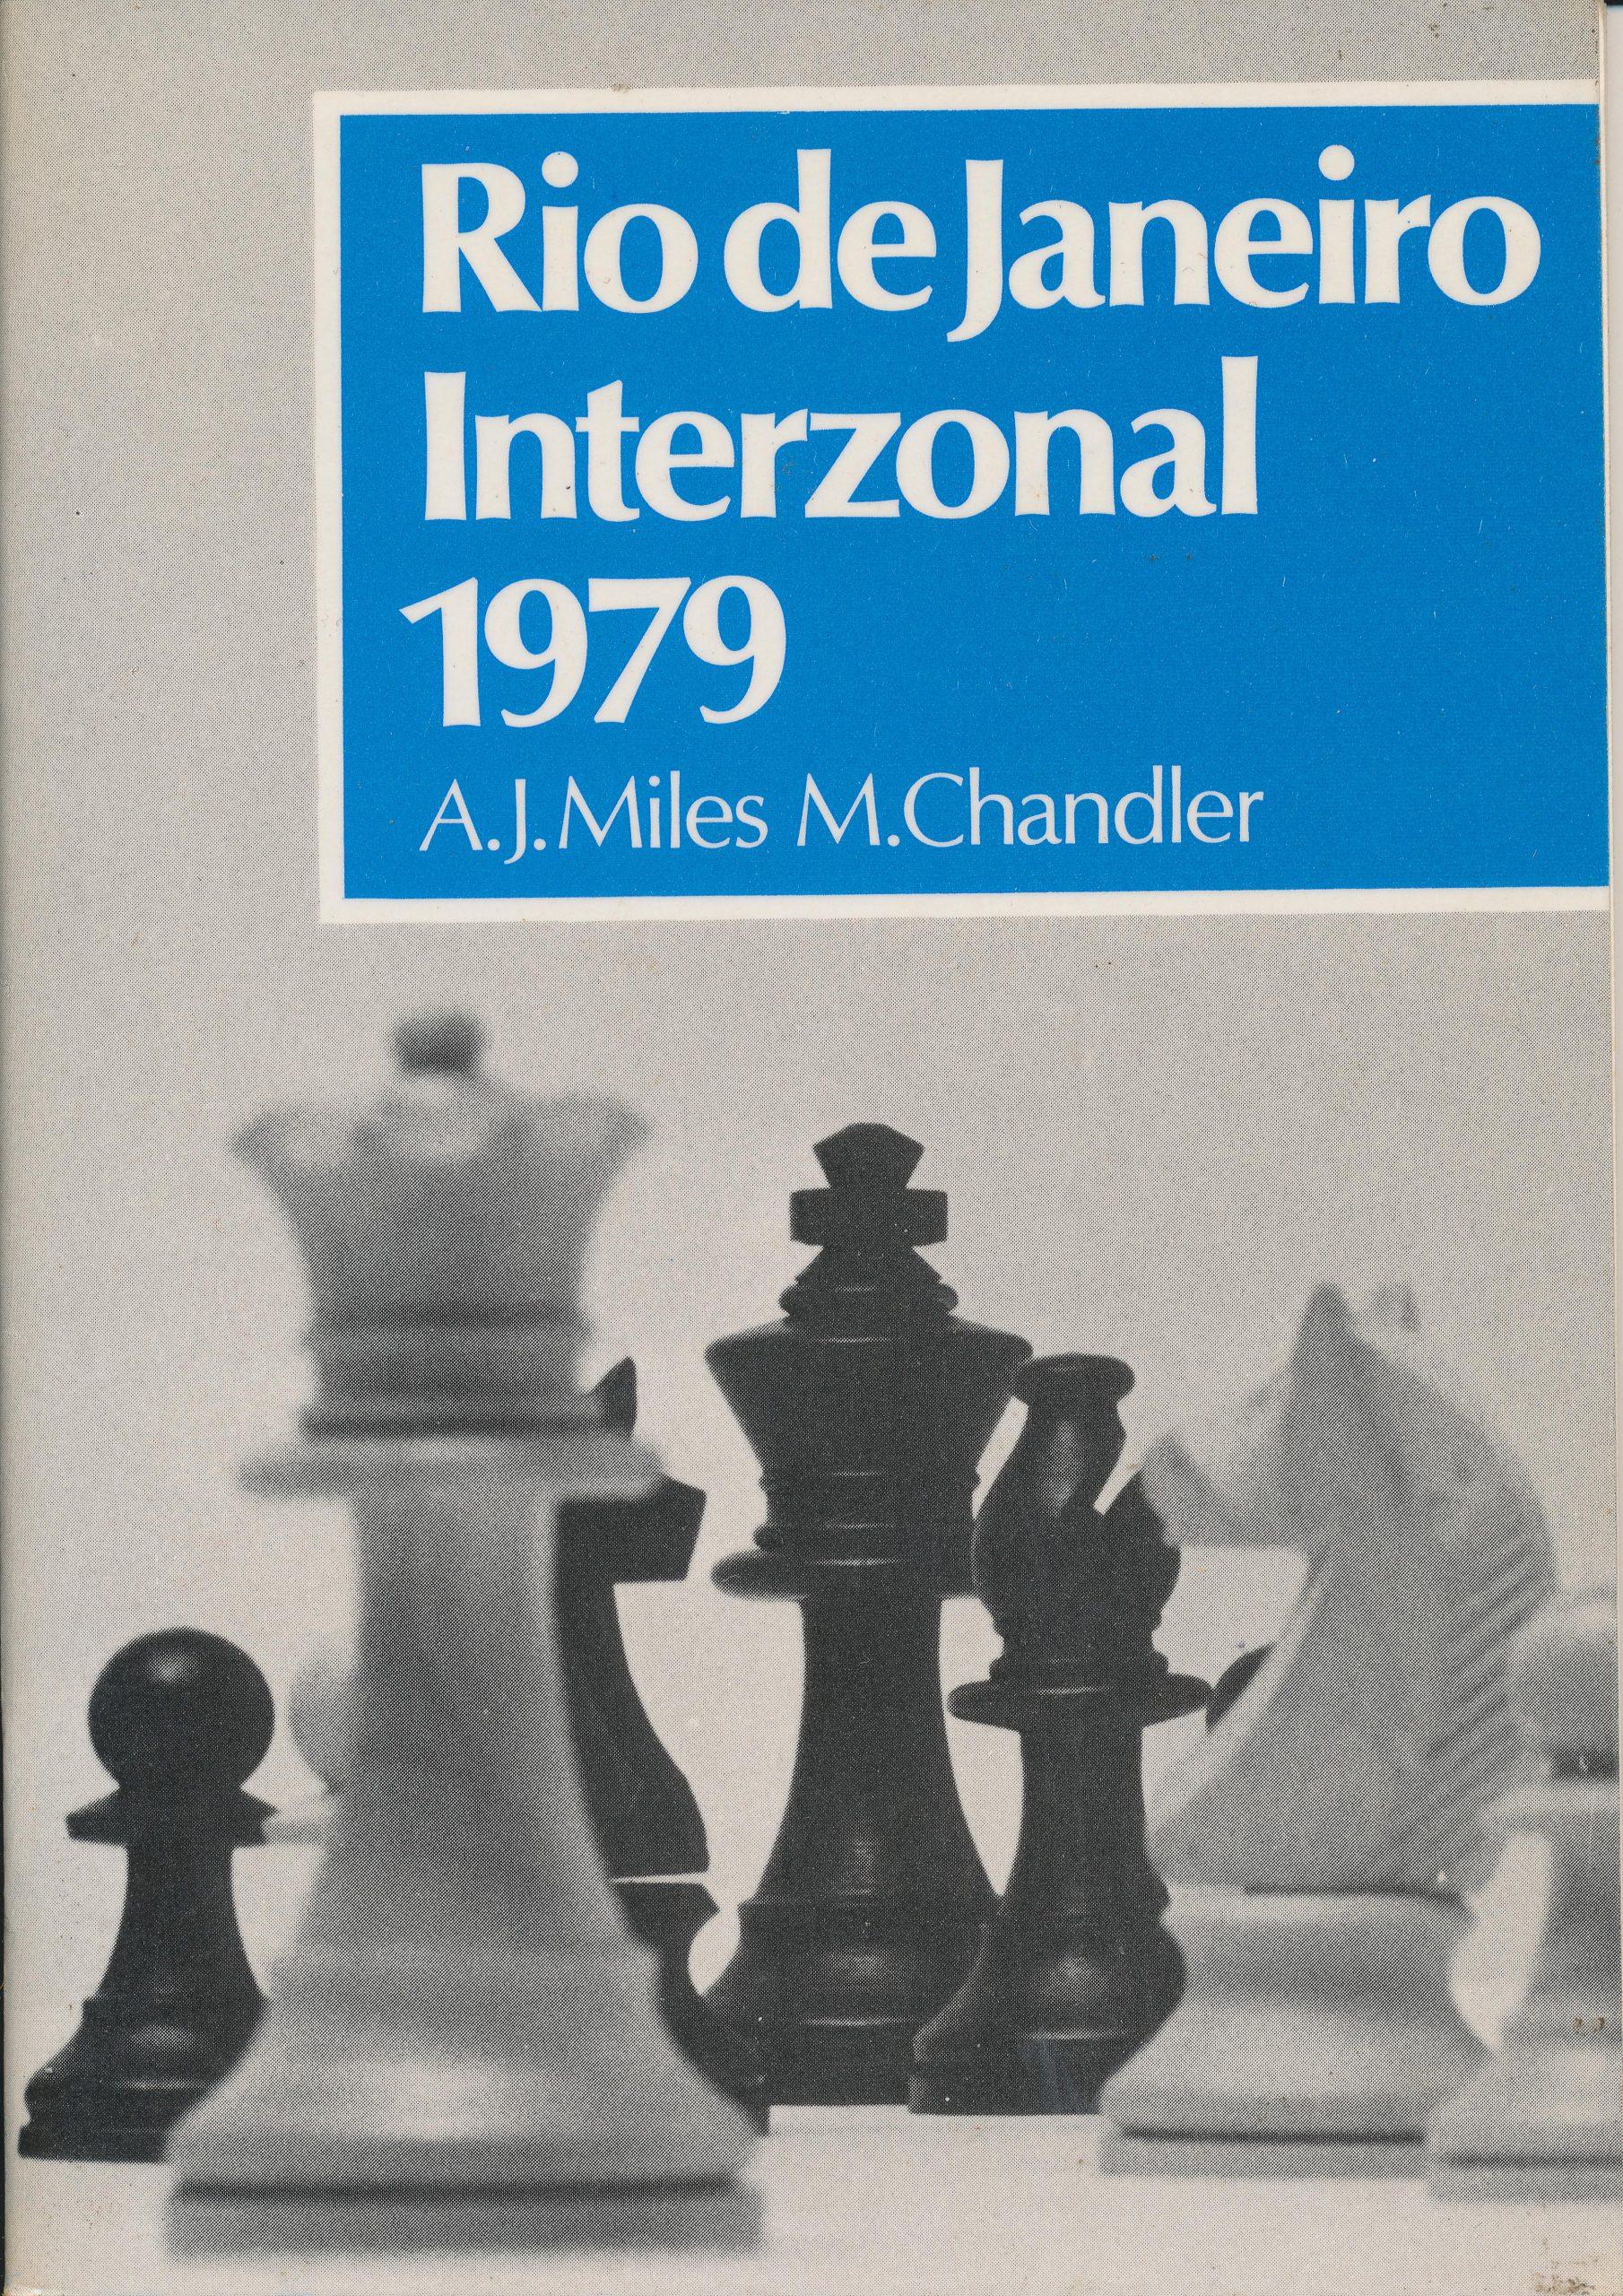 Rio de Janeiro Interzonal 1979, AJ Miles & M.Chandler, Batsford, 1979